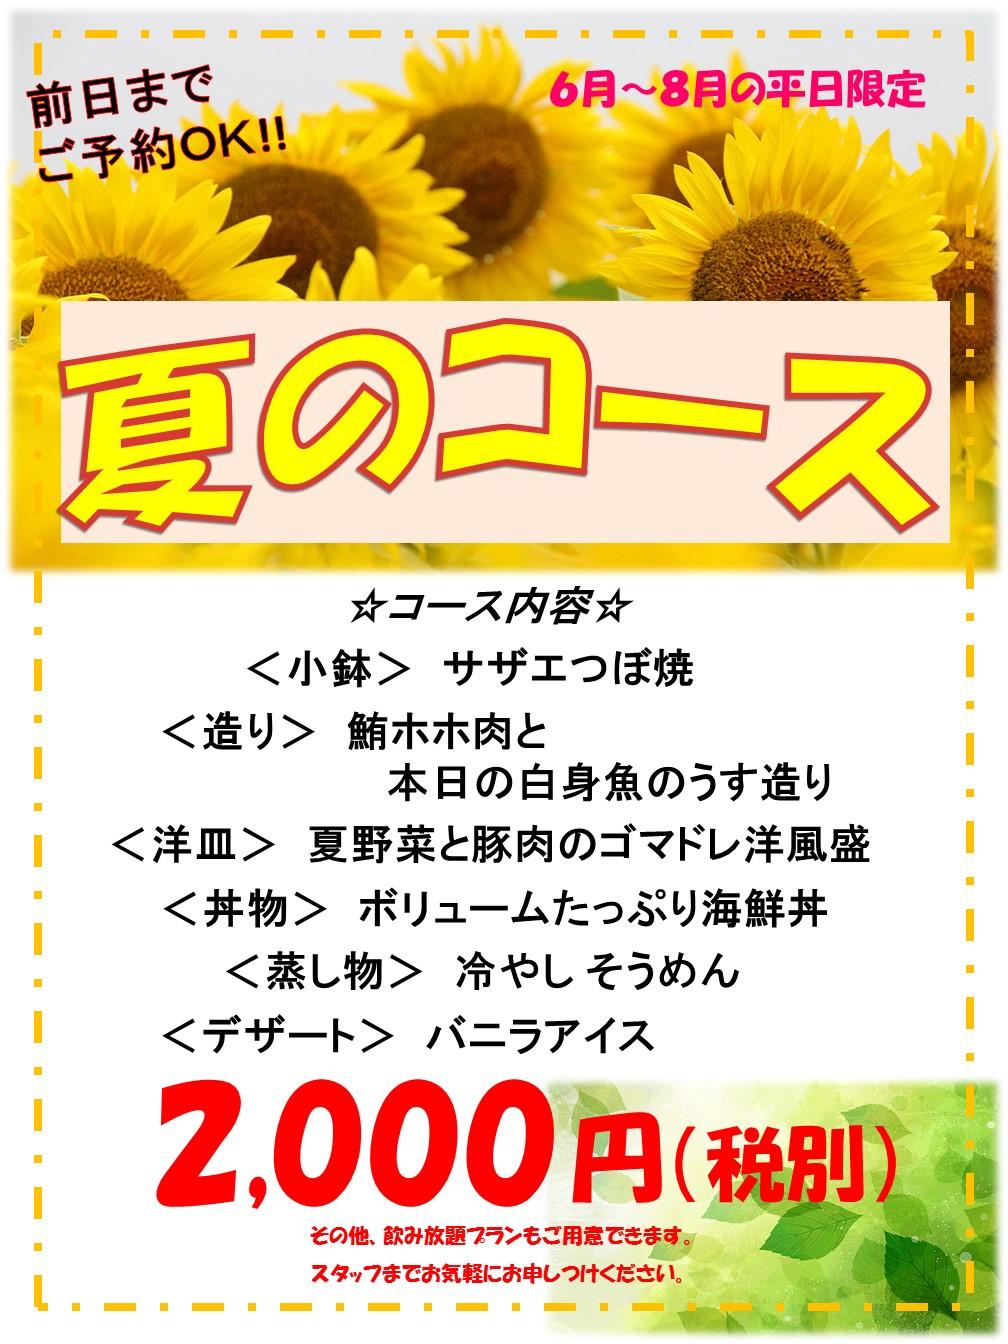 平日限定!!夏コース!!